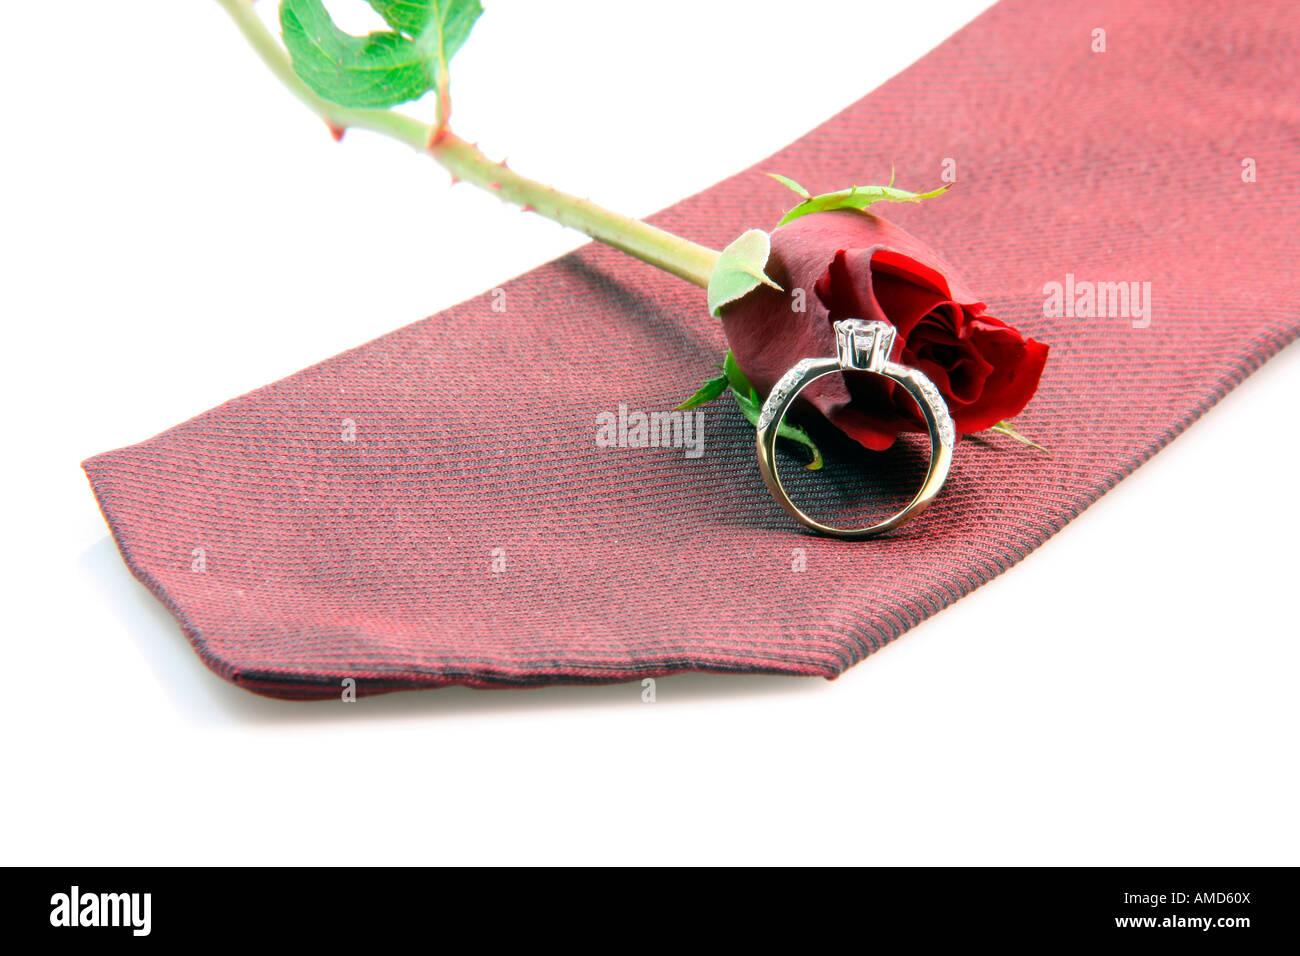 Propuesta de boda equipo anillo diomond corbata de seda roja y rosa ...